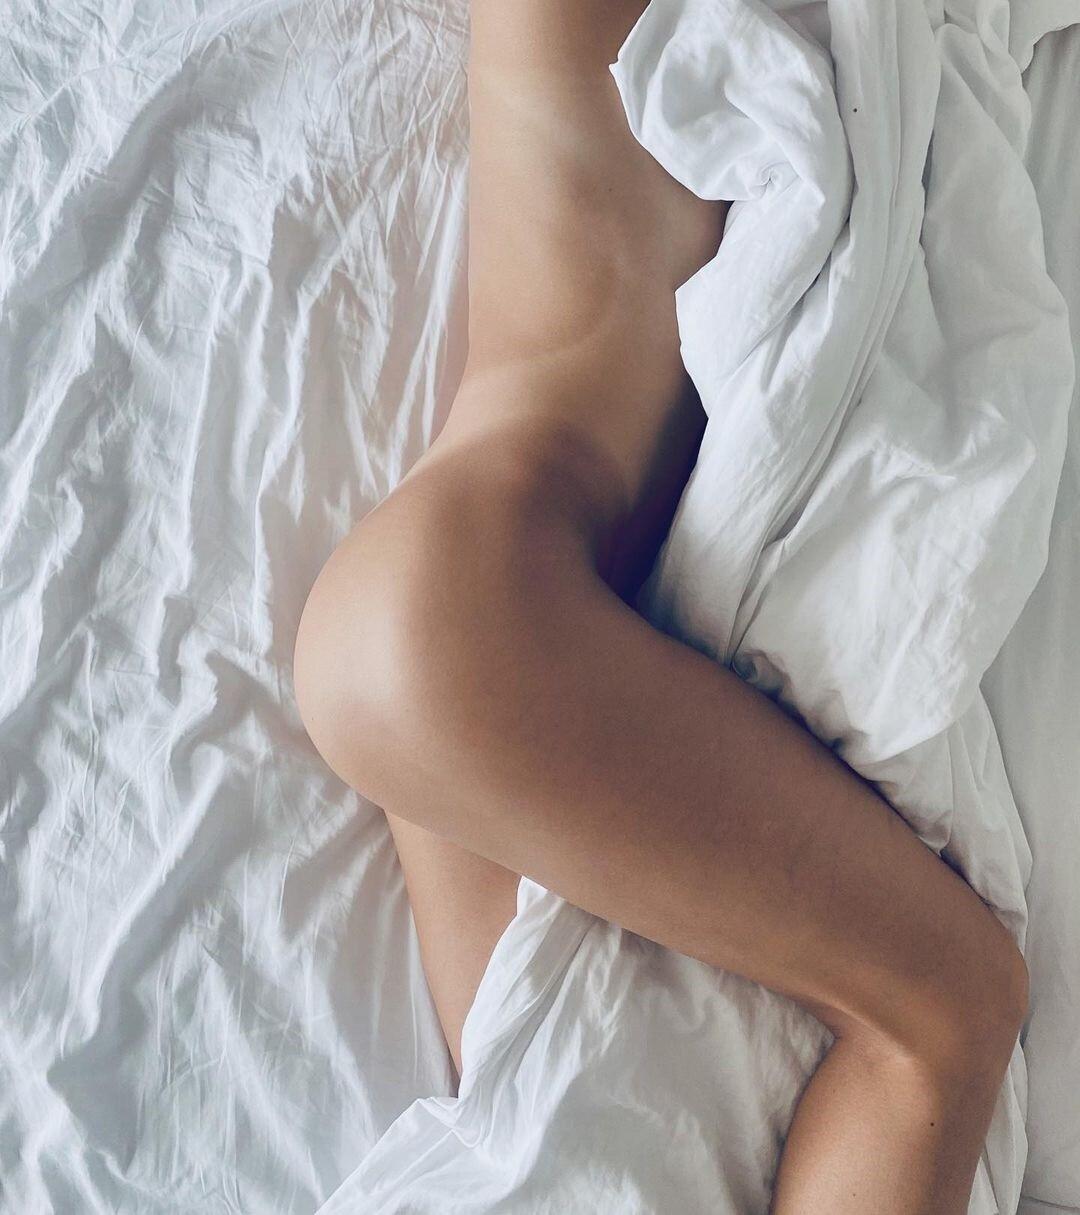 Тело богини и побитые ноги: самая красивая пловчиха мира любит фото в белье и без него